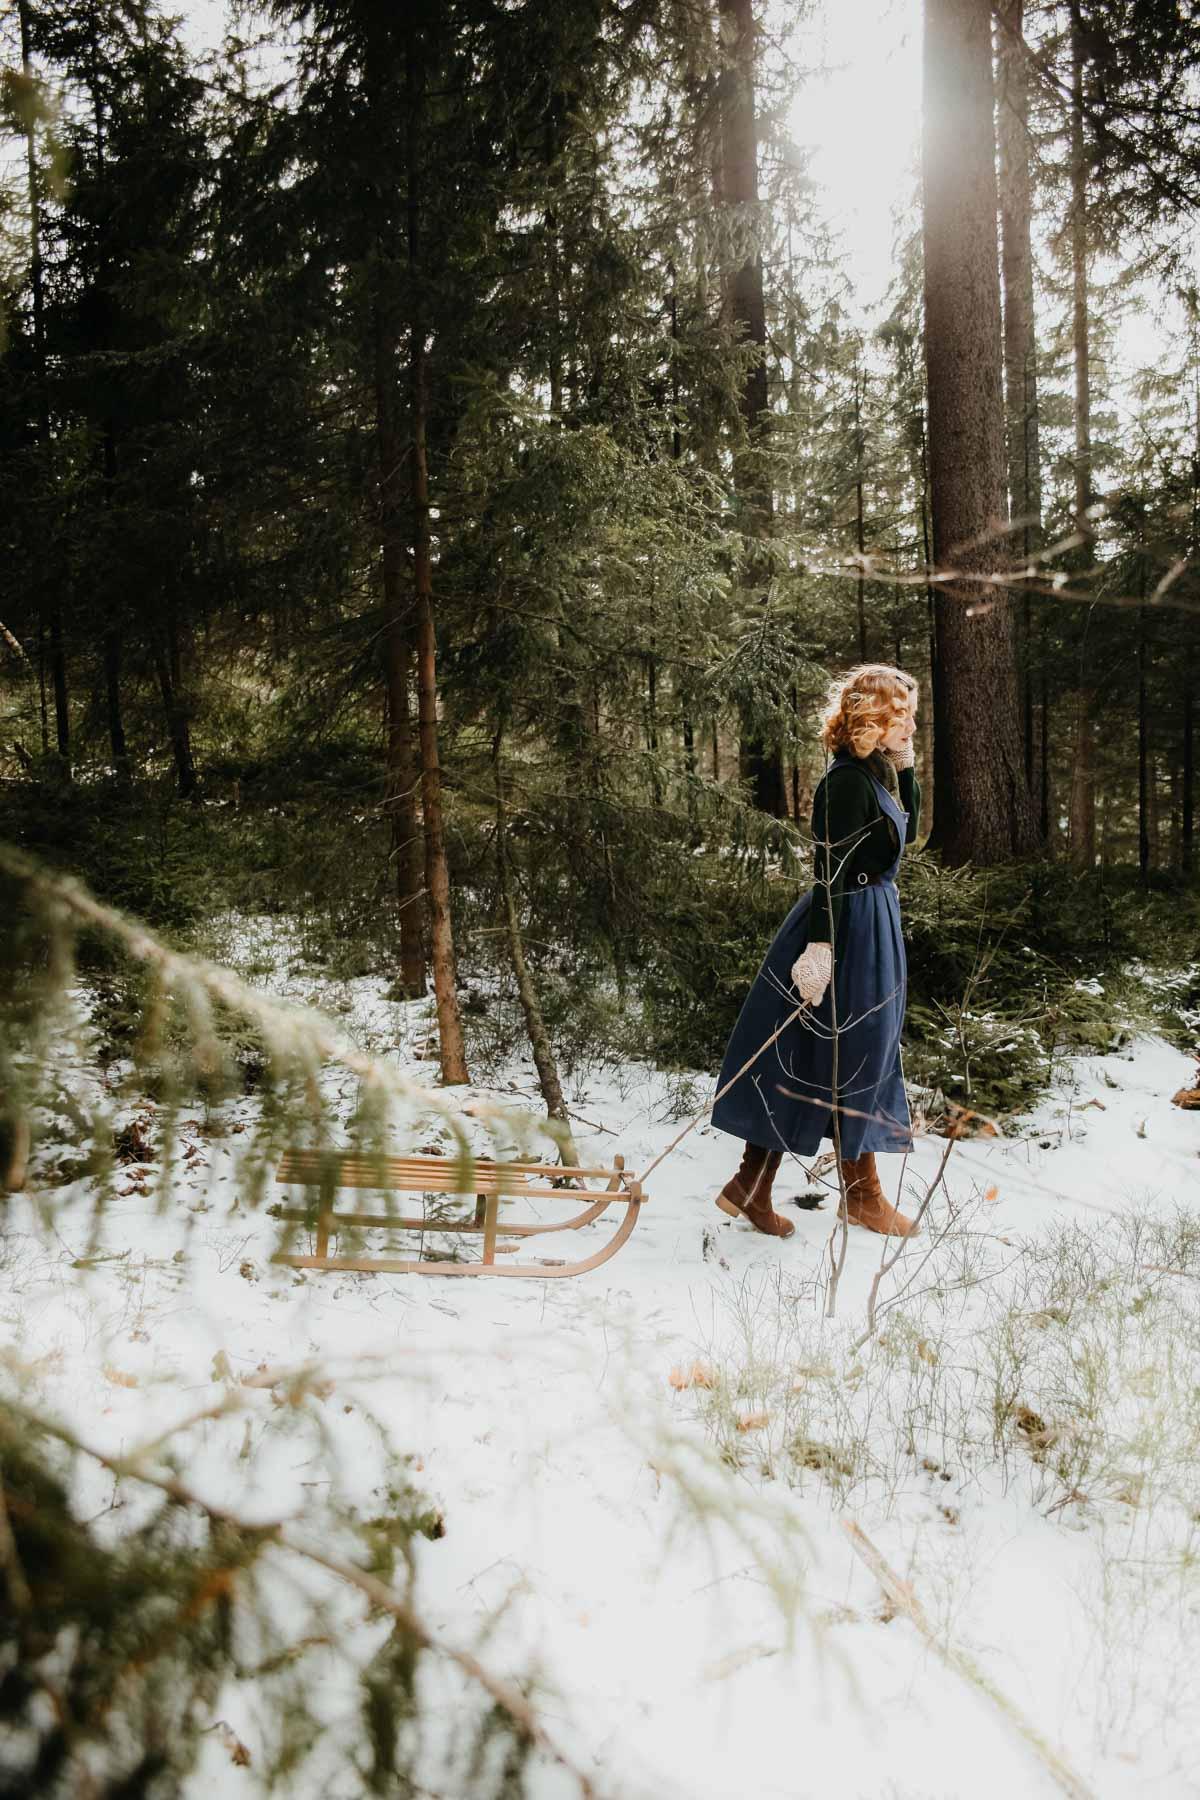 Snowy forest - Schneetag (2)